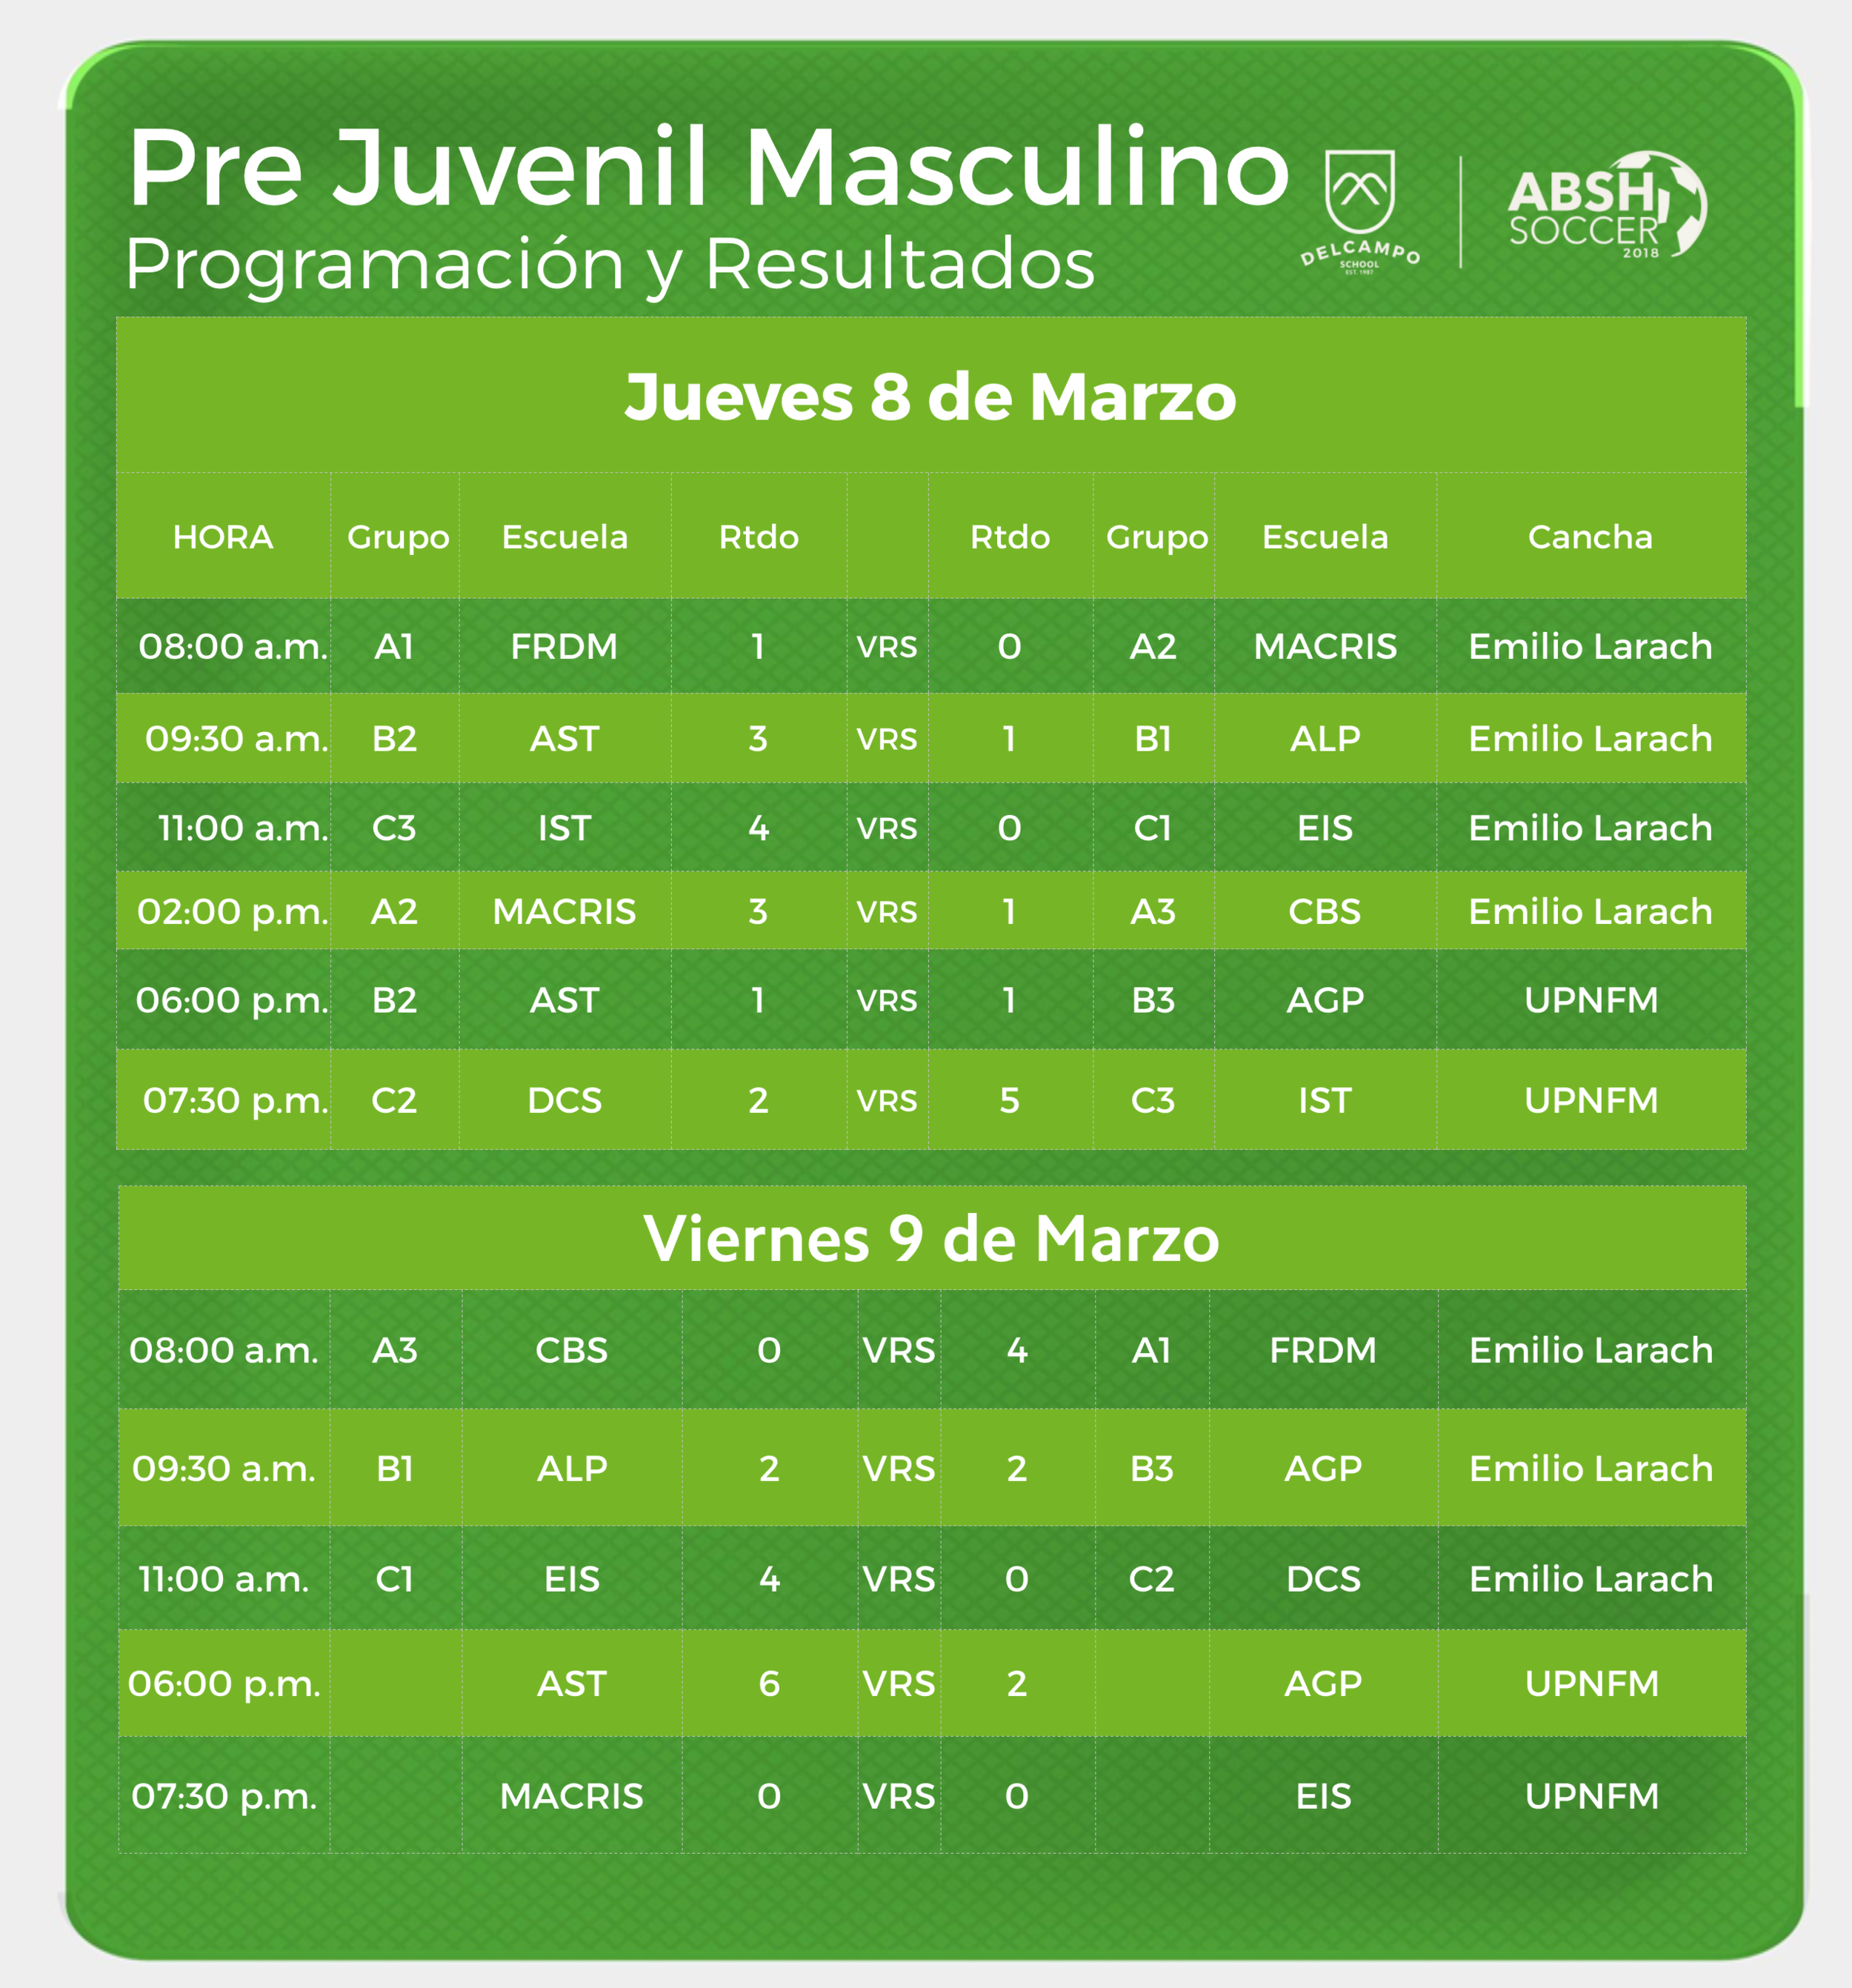 PRE JUVENIL MASCULINO